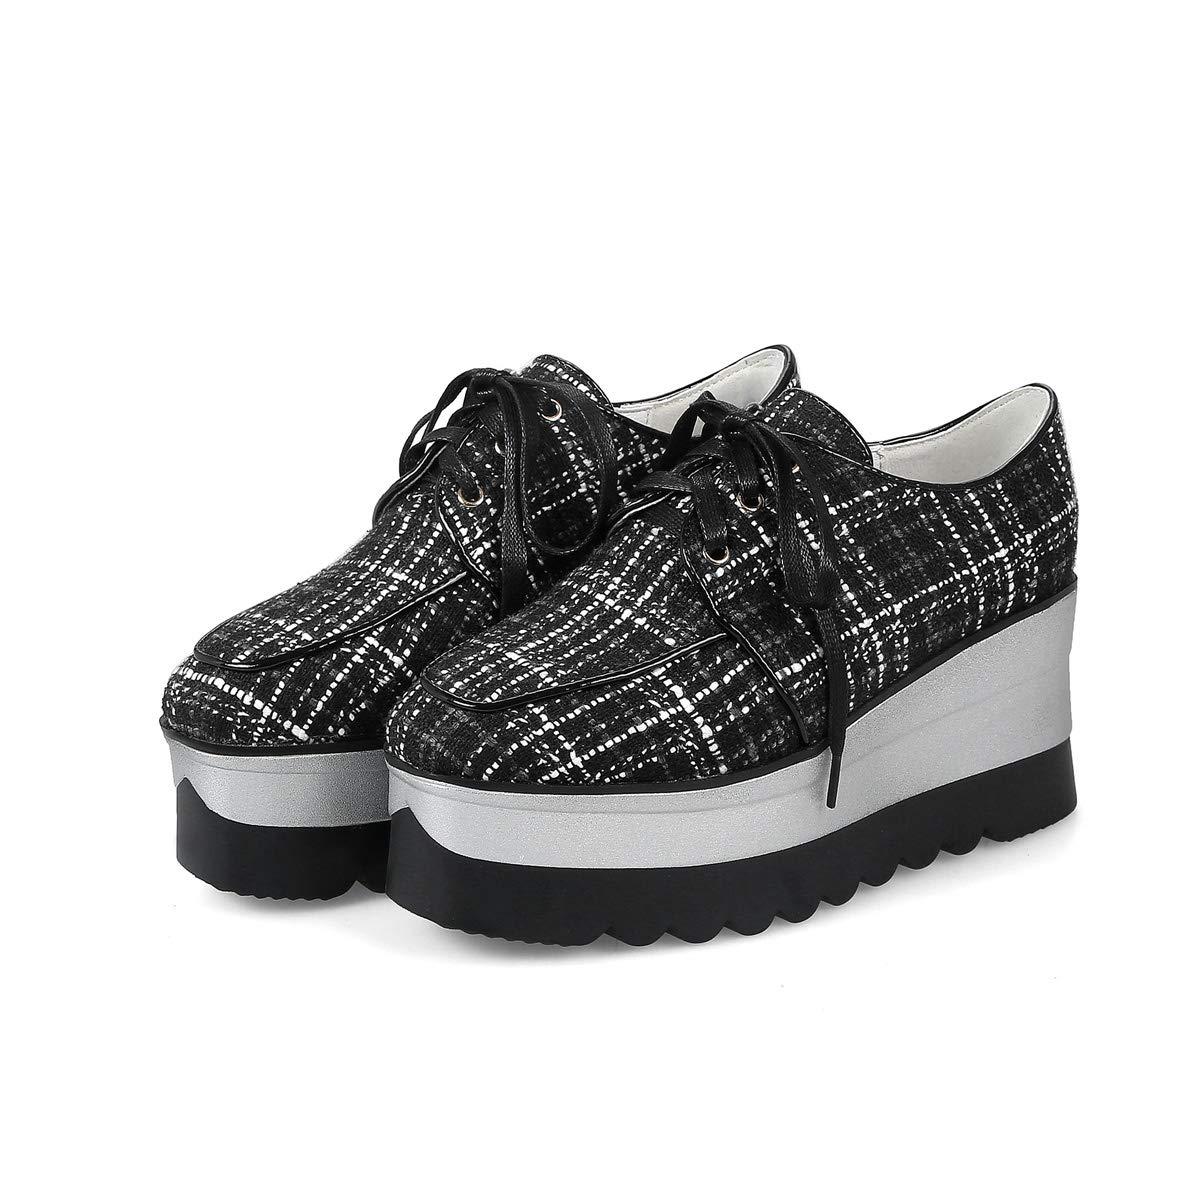 DANDANJIE Damen Kausal Schuhe Gestreifte Gitter Schuhe Frühling Lace Up Bow Keilabsatz Schuhe